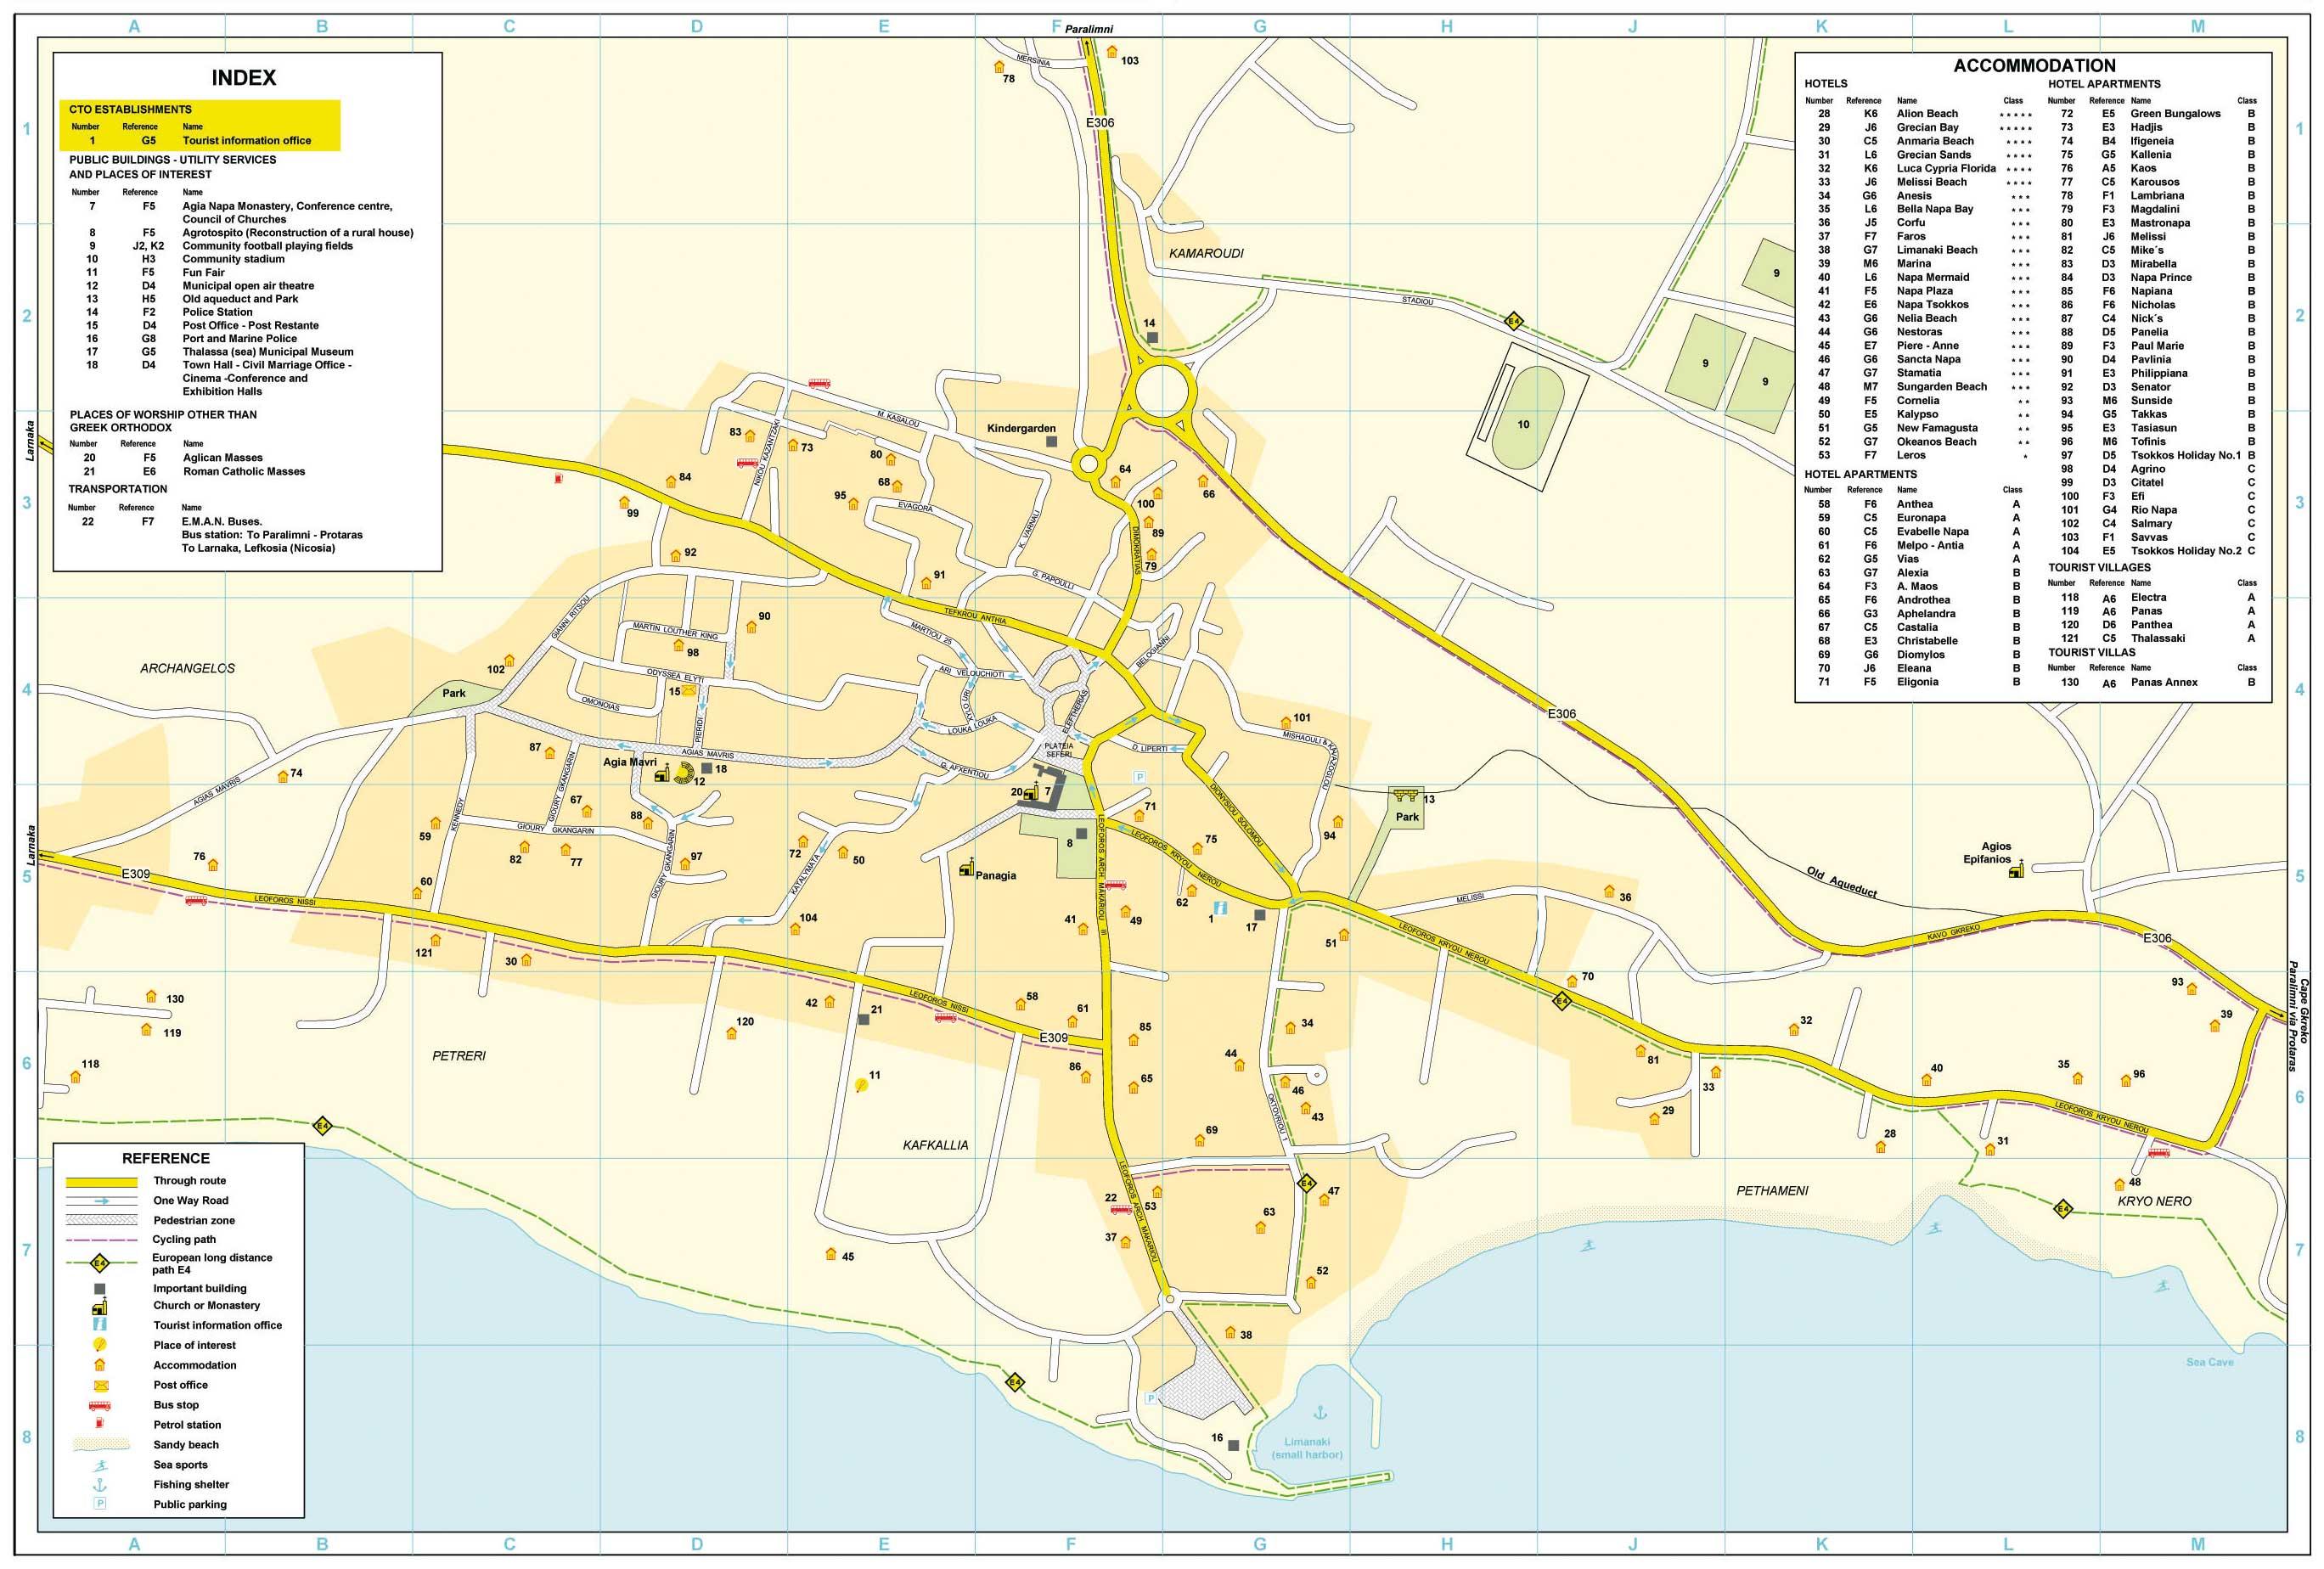 Ayia Napa Map Large Ayia Napa Maps for Free Download and Print | High Resolution  Ayia Napa Map